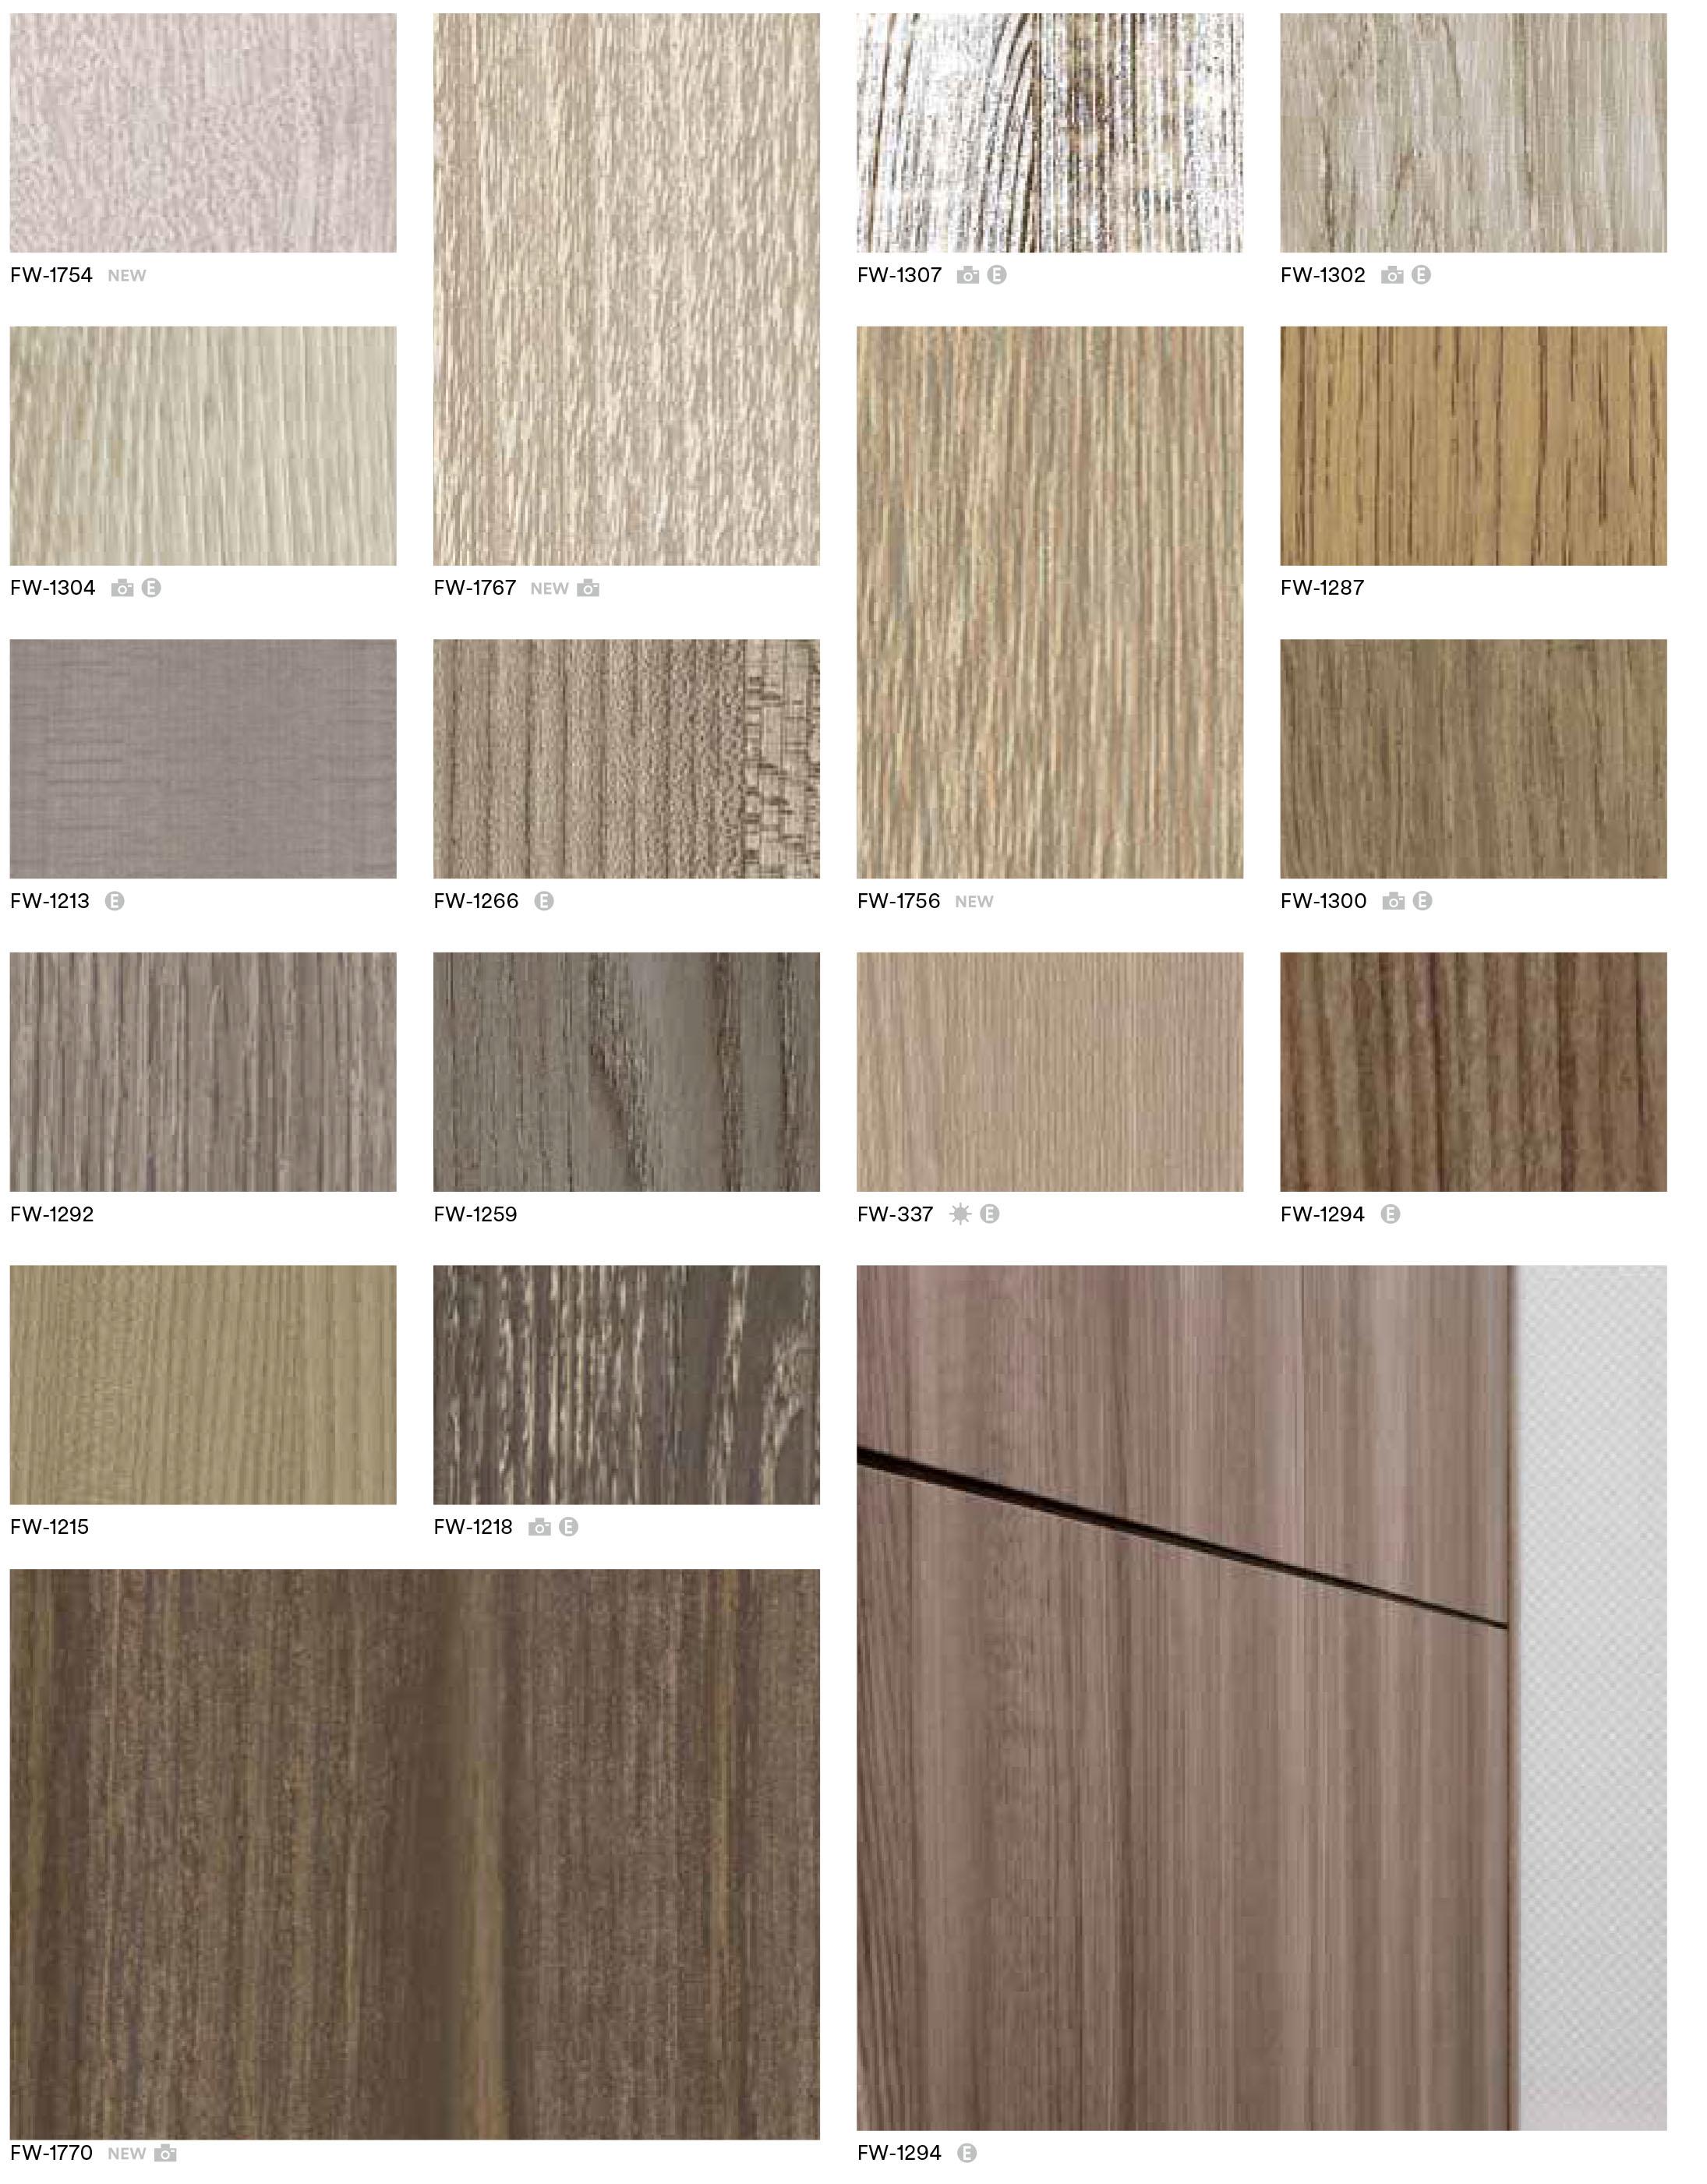 3M Fine Wood